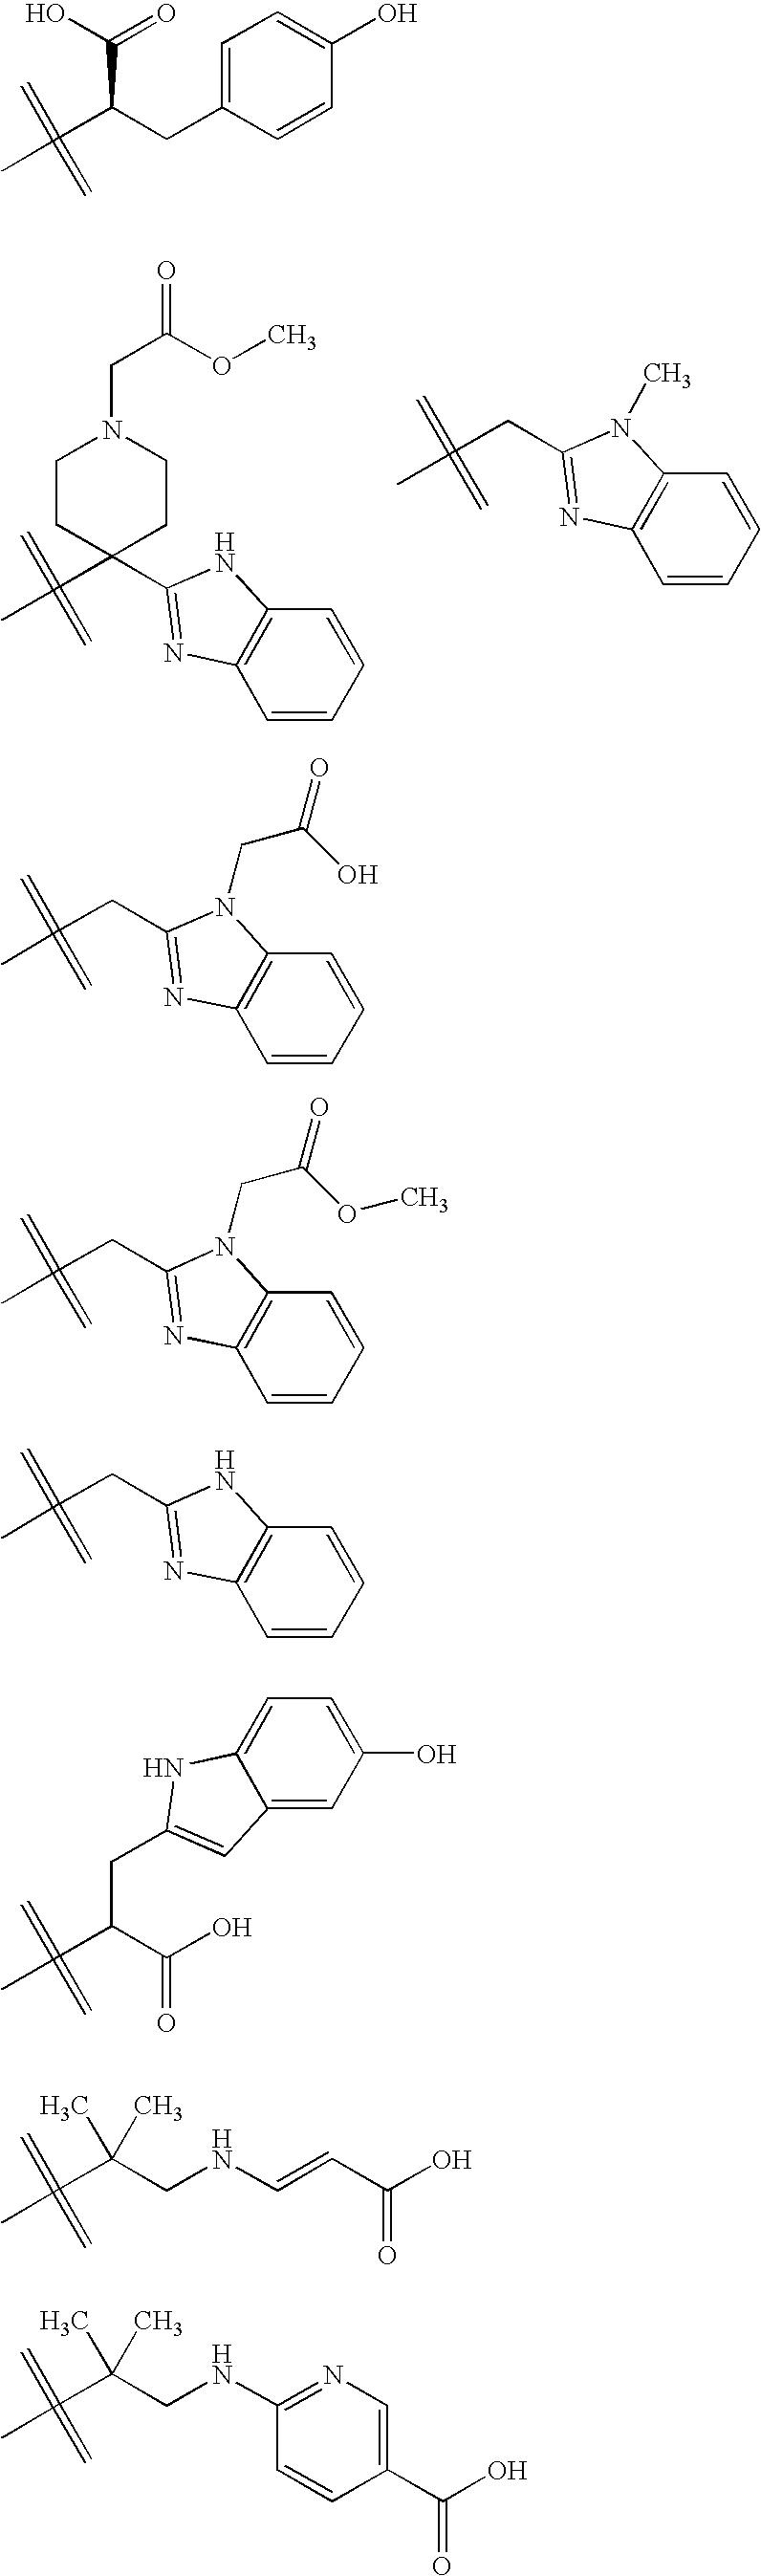 Figure US20070049593A1-20070301-C00178